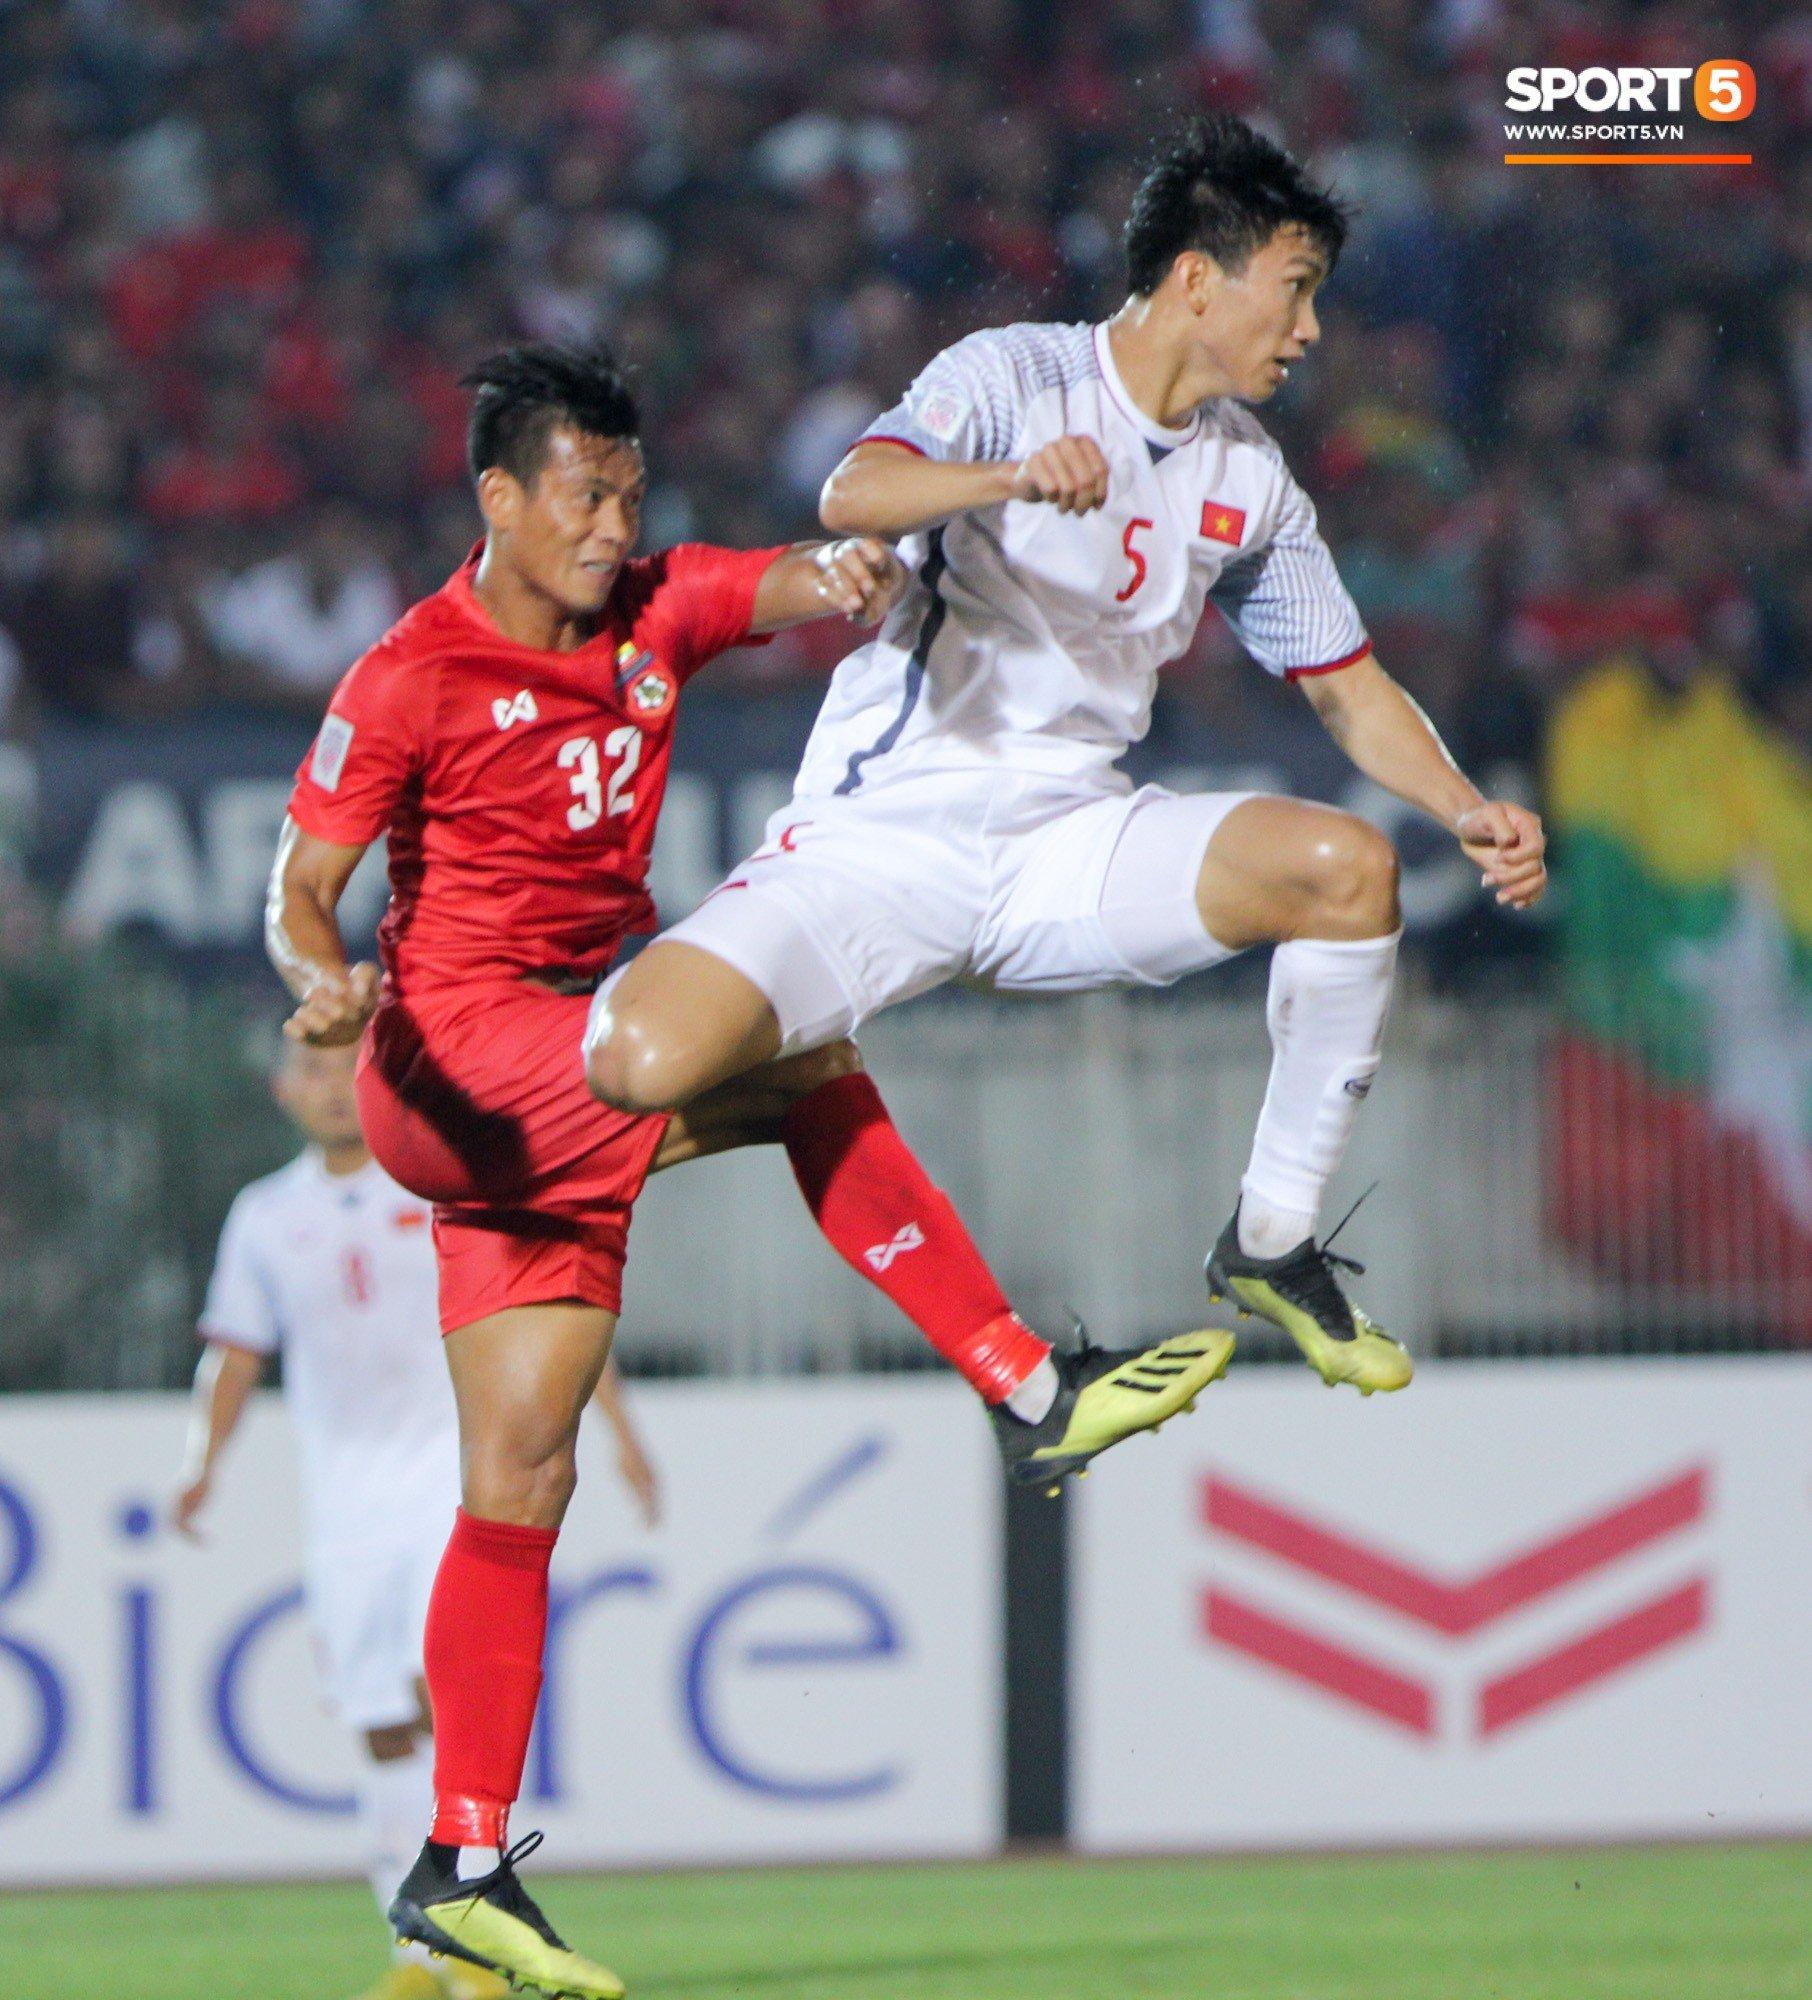 Đoàn Văn Hậu bất mãn, chỉ thẳng mặt trọng tài chính trận Myanmar vs Việt Nam 3